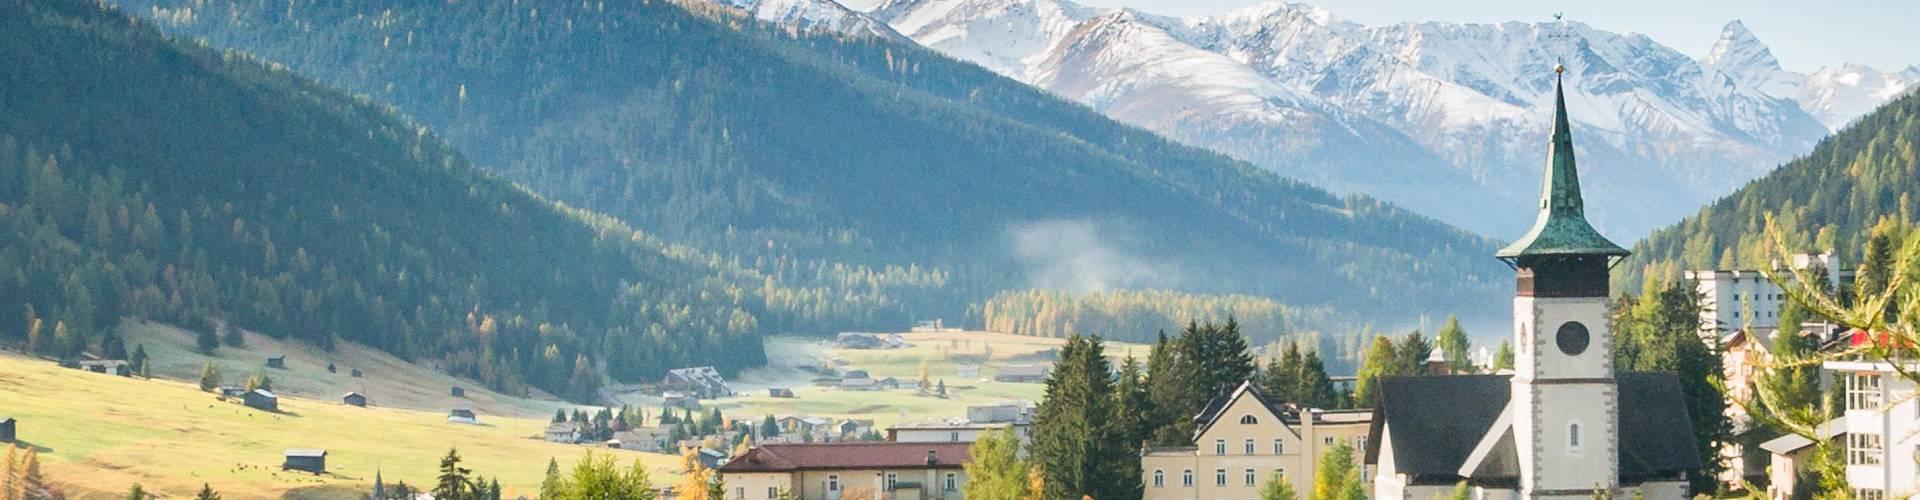 Agenzie immobiliari e agenti immobiliari in Svizzera The Factory Network s.r.l.